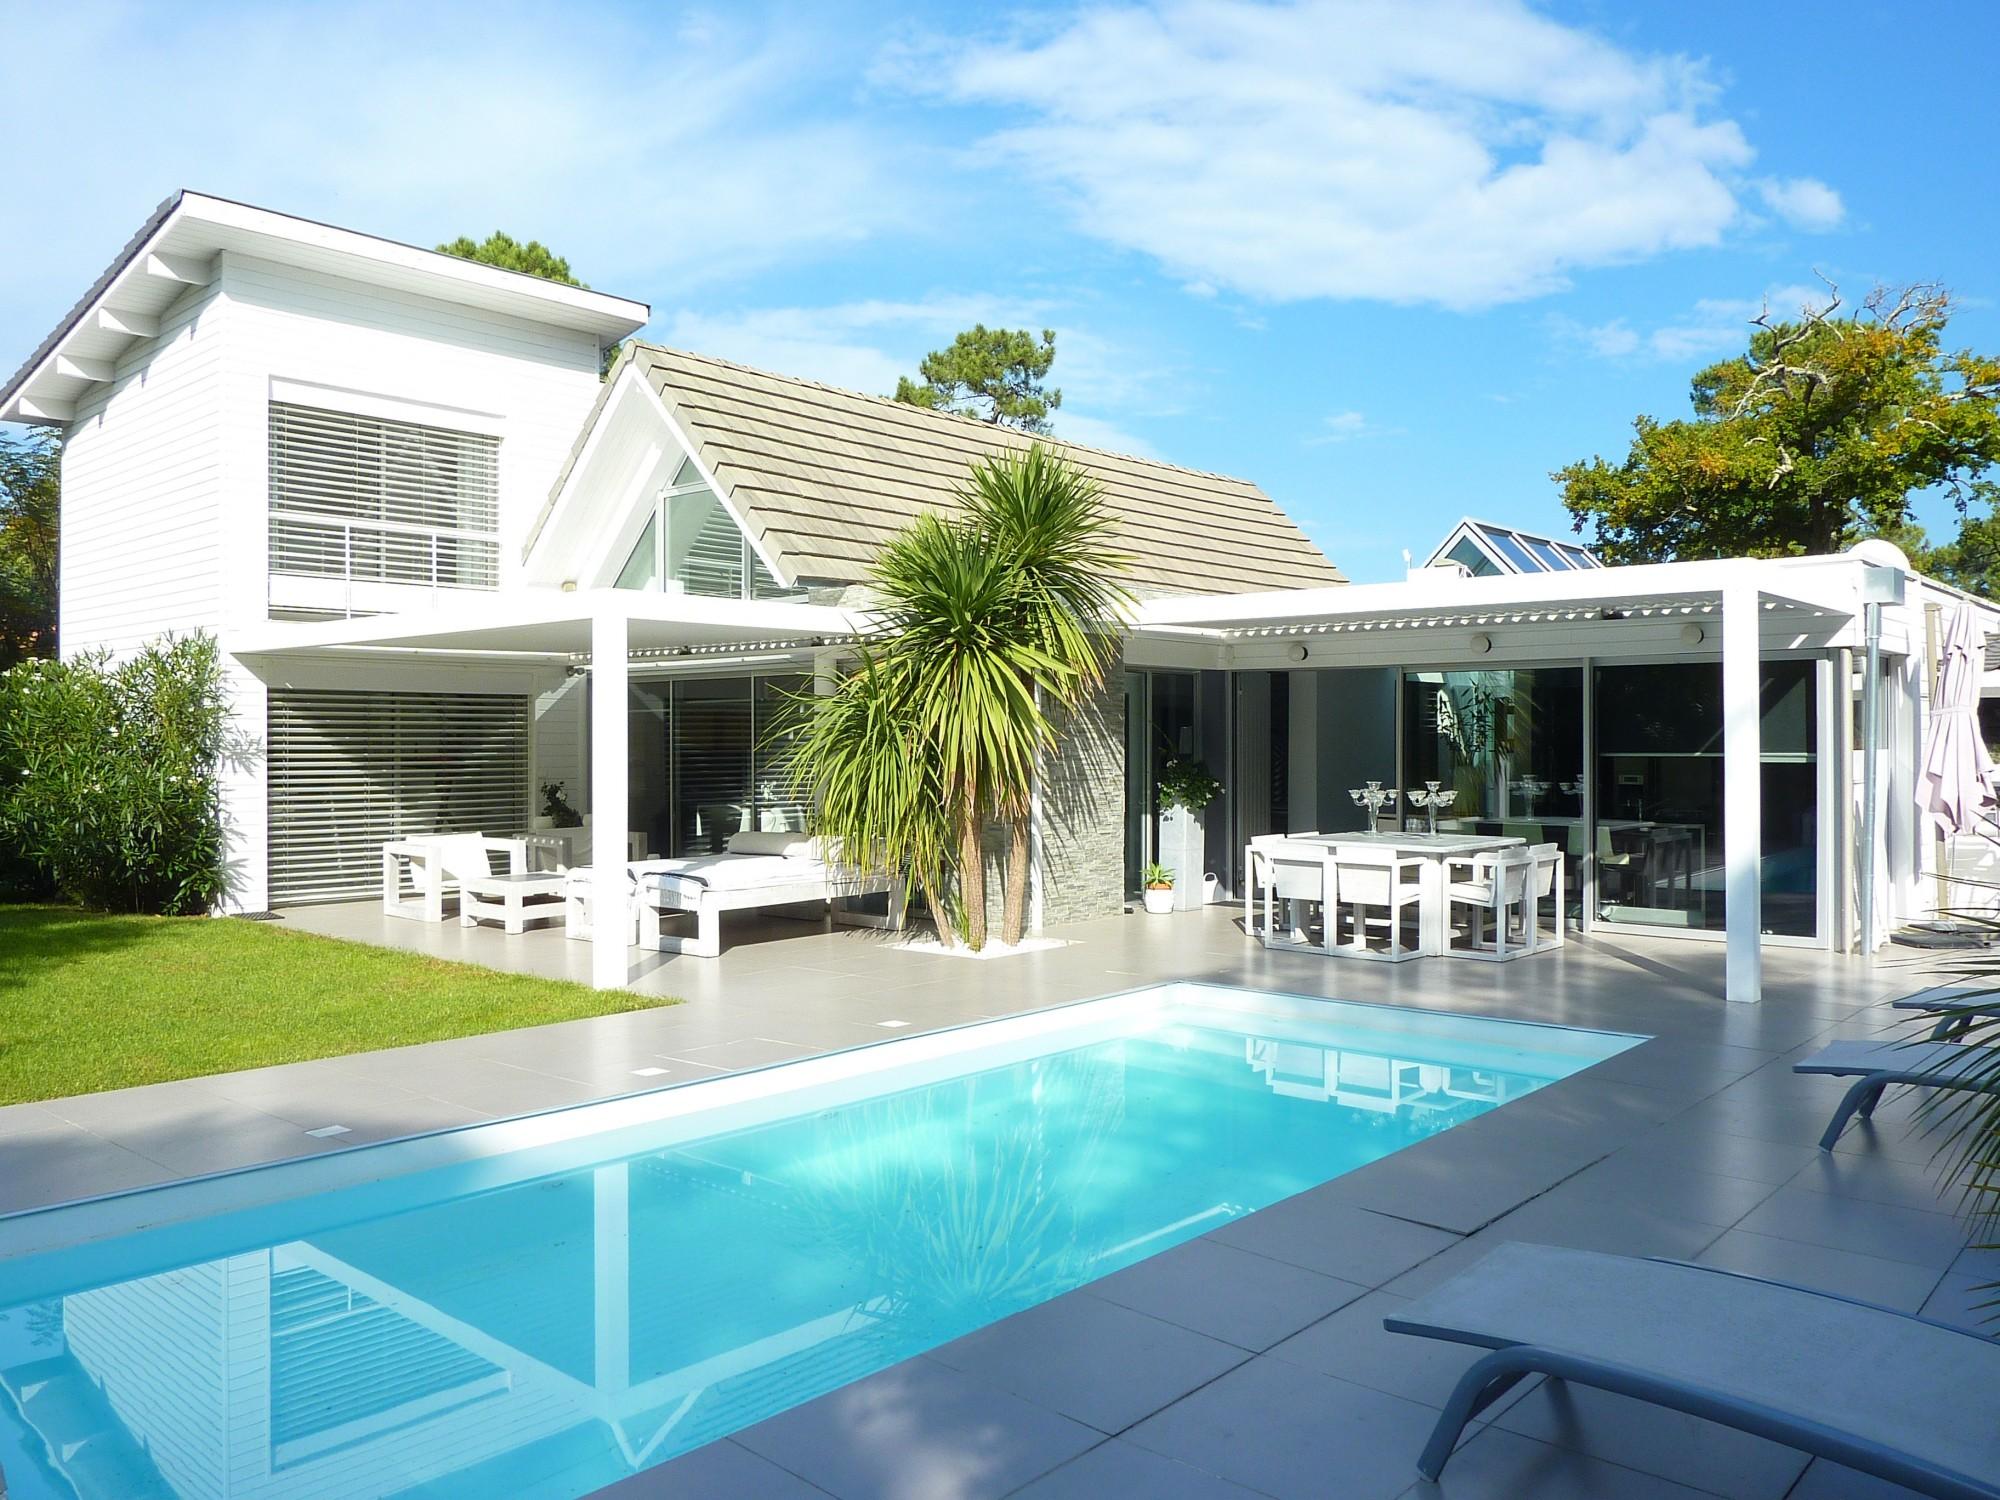 arcachon moulleau abatilles villa d 39 architecte contemporaine avec piscine barnes bassin d 39 arcachon